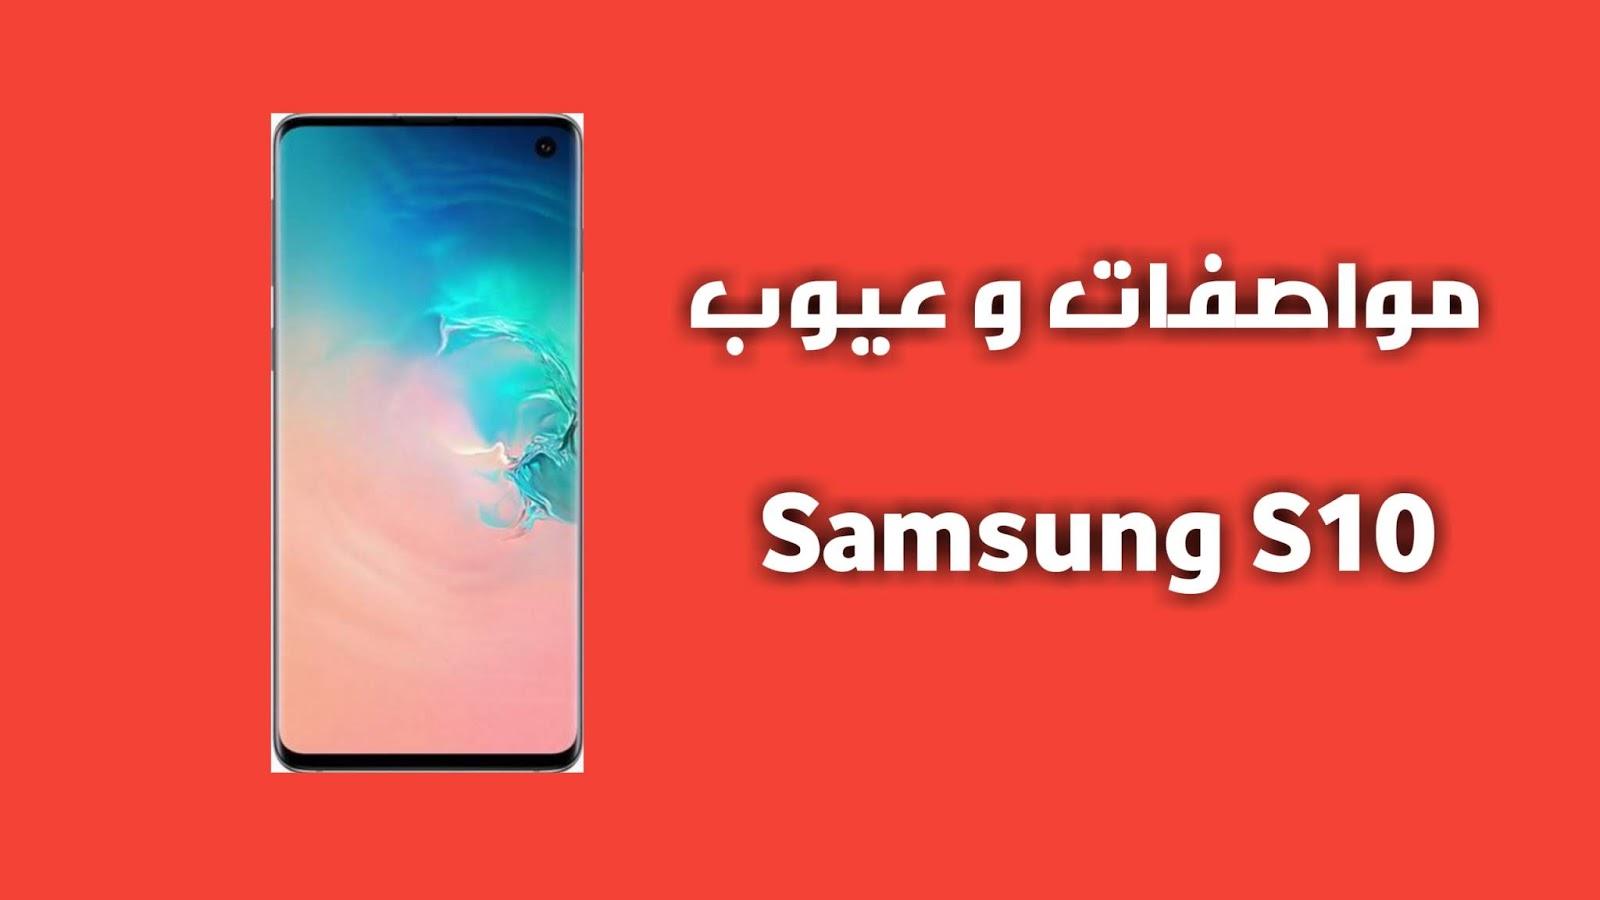 سعر و مواصفات Samsung Galaxy S10 - مميزات وعيوب سامسونج اس 10